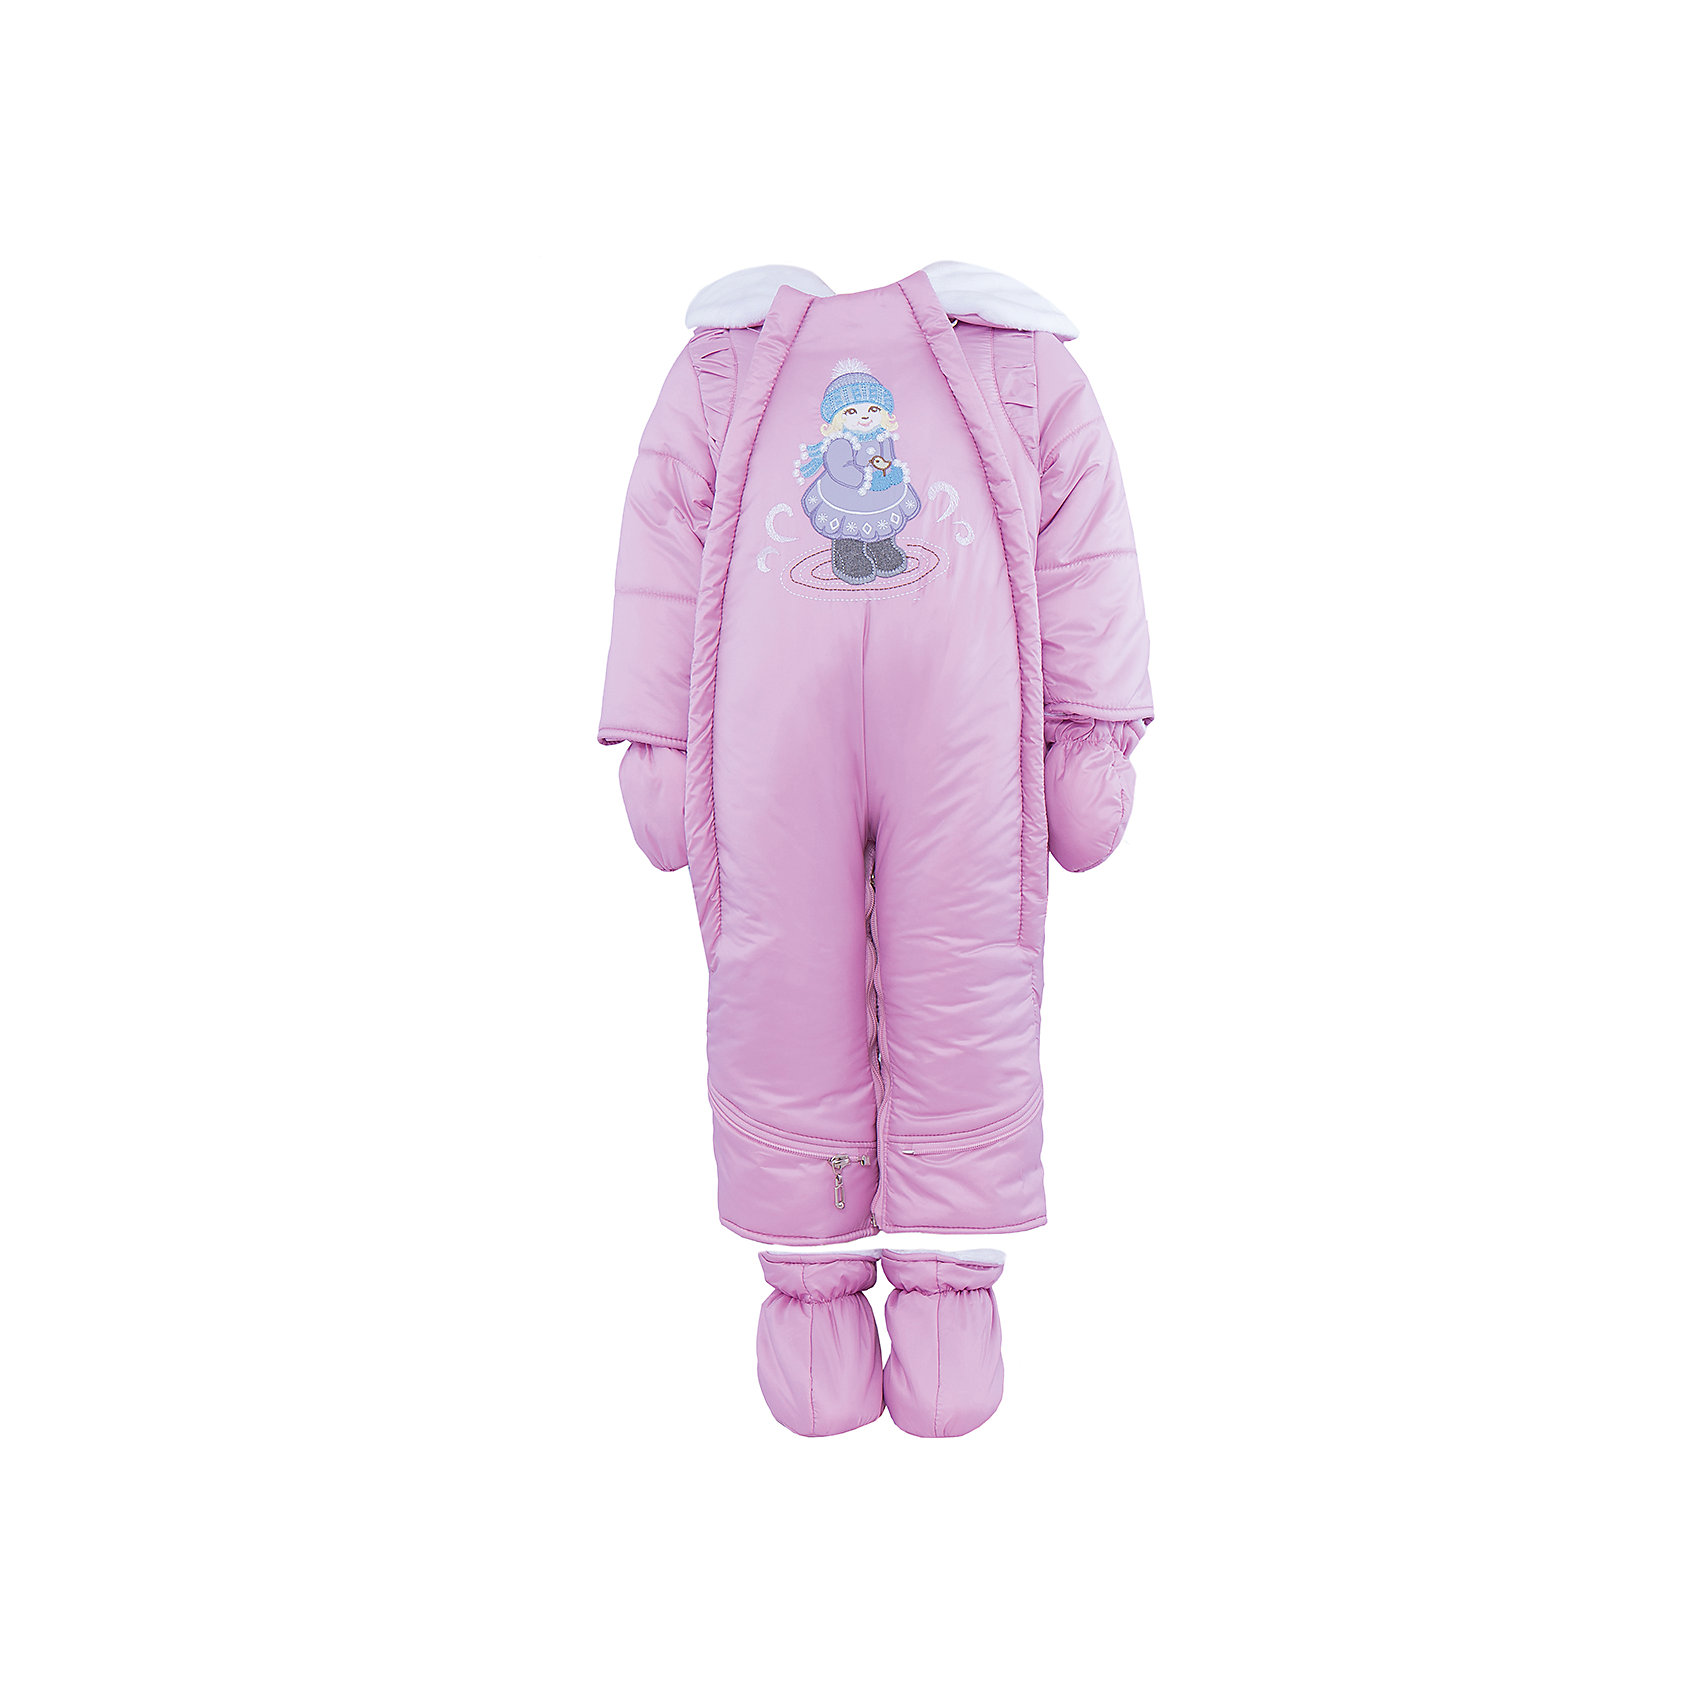 Комбинезон-трансформер на овчине для девочки АртельКомбинезон-трансформер для девочки от известного бренда Артель<br>Комбинезон-трансформер - это отличный вариант одежды для прогулок в холодное время года. Он выполняет функцию полноценного костюма с ножками, в котором удобно носить ребенка на руках, или перевозить в автокресле и теплого уютного спального конверта, в котором ребенку комфортно находиться в коляске. Комбинезон трансформируется в конверт с помощью дополнительных молний. <br>Состав:<br>Верх: YSD 819<br>Подкладка: интерлок<br>Утеплитель: термофайбер 200гр<br>Подстежка: овчина<br><br>Ширина мм: 356<br>Глубина мм: 10<br>Высота мм: 245<br>Вес г: 519<br>Цвет: светло-розовый<br>Возраст от месяцев: 2<br>Возраст до месяцев: 5<br>Пол: Женский<br>Возраст: Детский<br>Размер: 62,74,68<br>SKU: 4963497